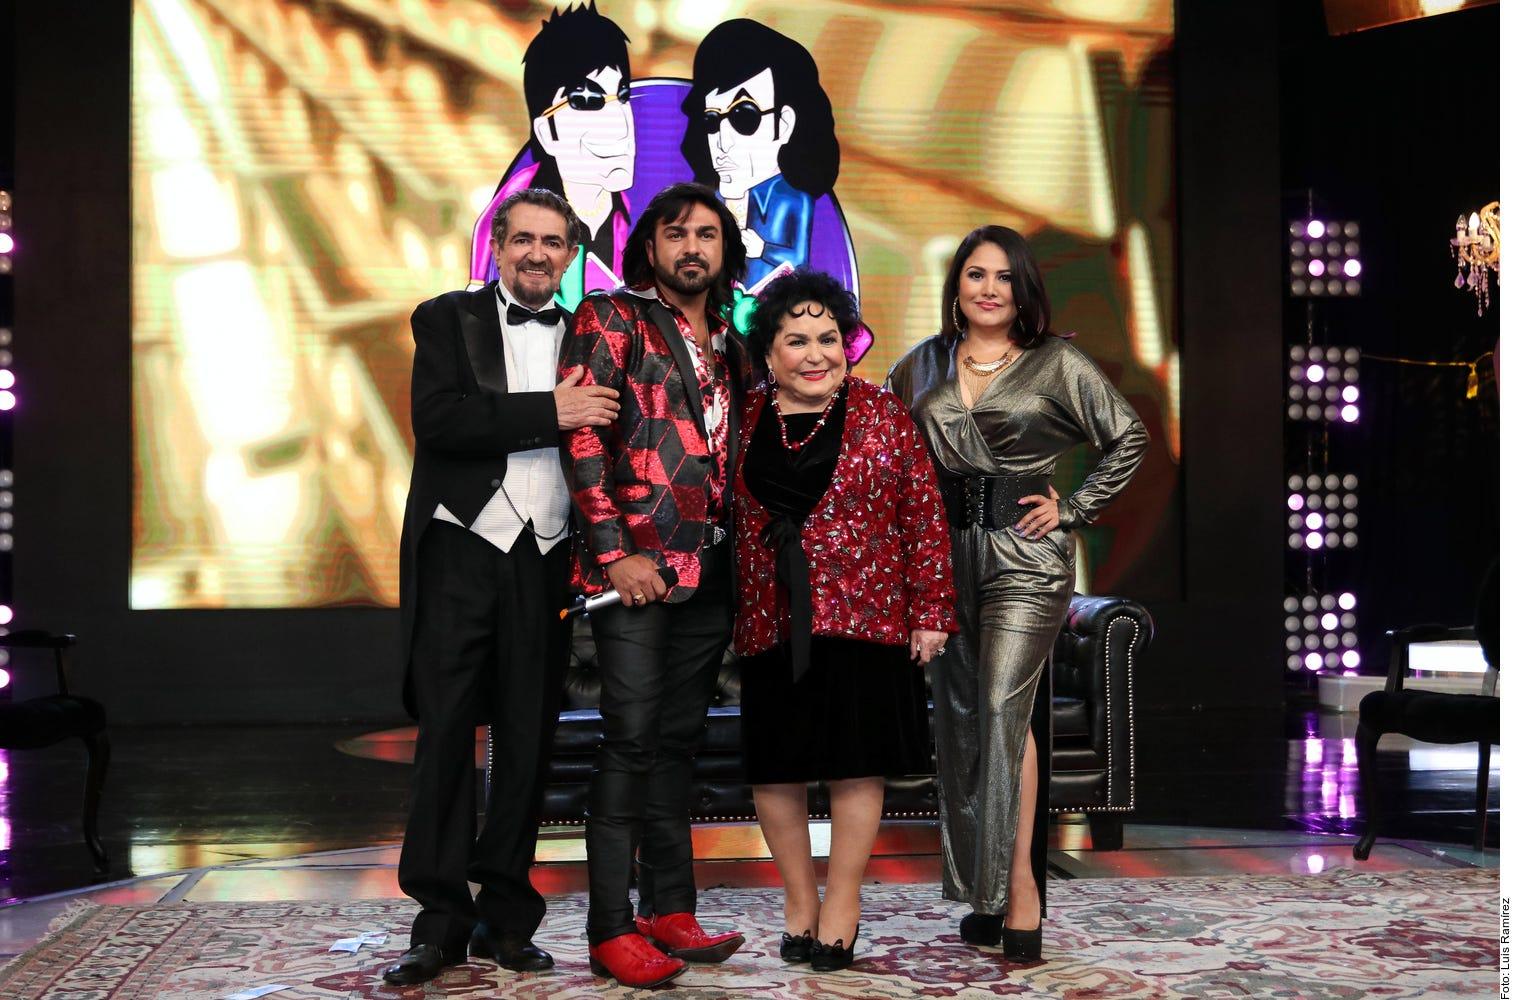 Presentan 4ta Temporada De Serie Encabezada Por Vitor Y Albertano Nosotros los guapos es un programa en la tv argentina de univision que ha recibido una clasificación de 4,3 estrellas de los añade nosotros los guapos a tus favoritos y configura una alarma. serie encabezada por vitor y albertano